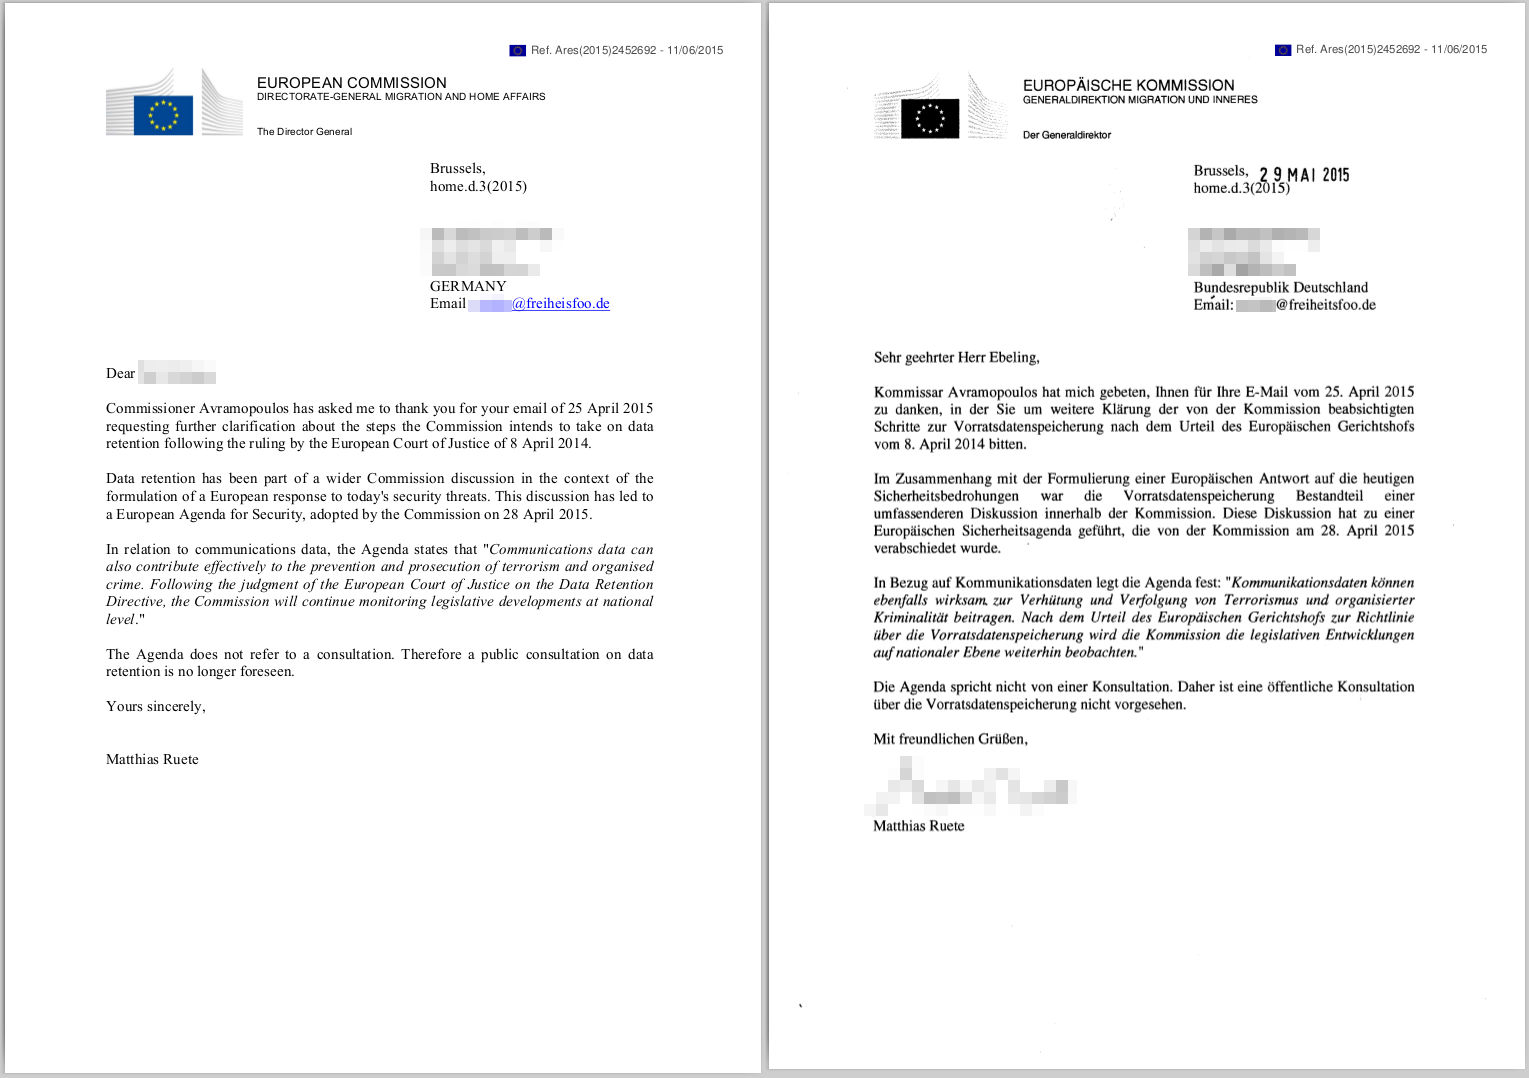 Briefe Richtig Formulieren : Freiheitsfoo wiki main  brief an avramopoulos